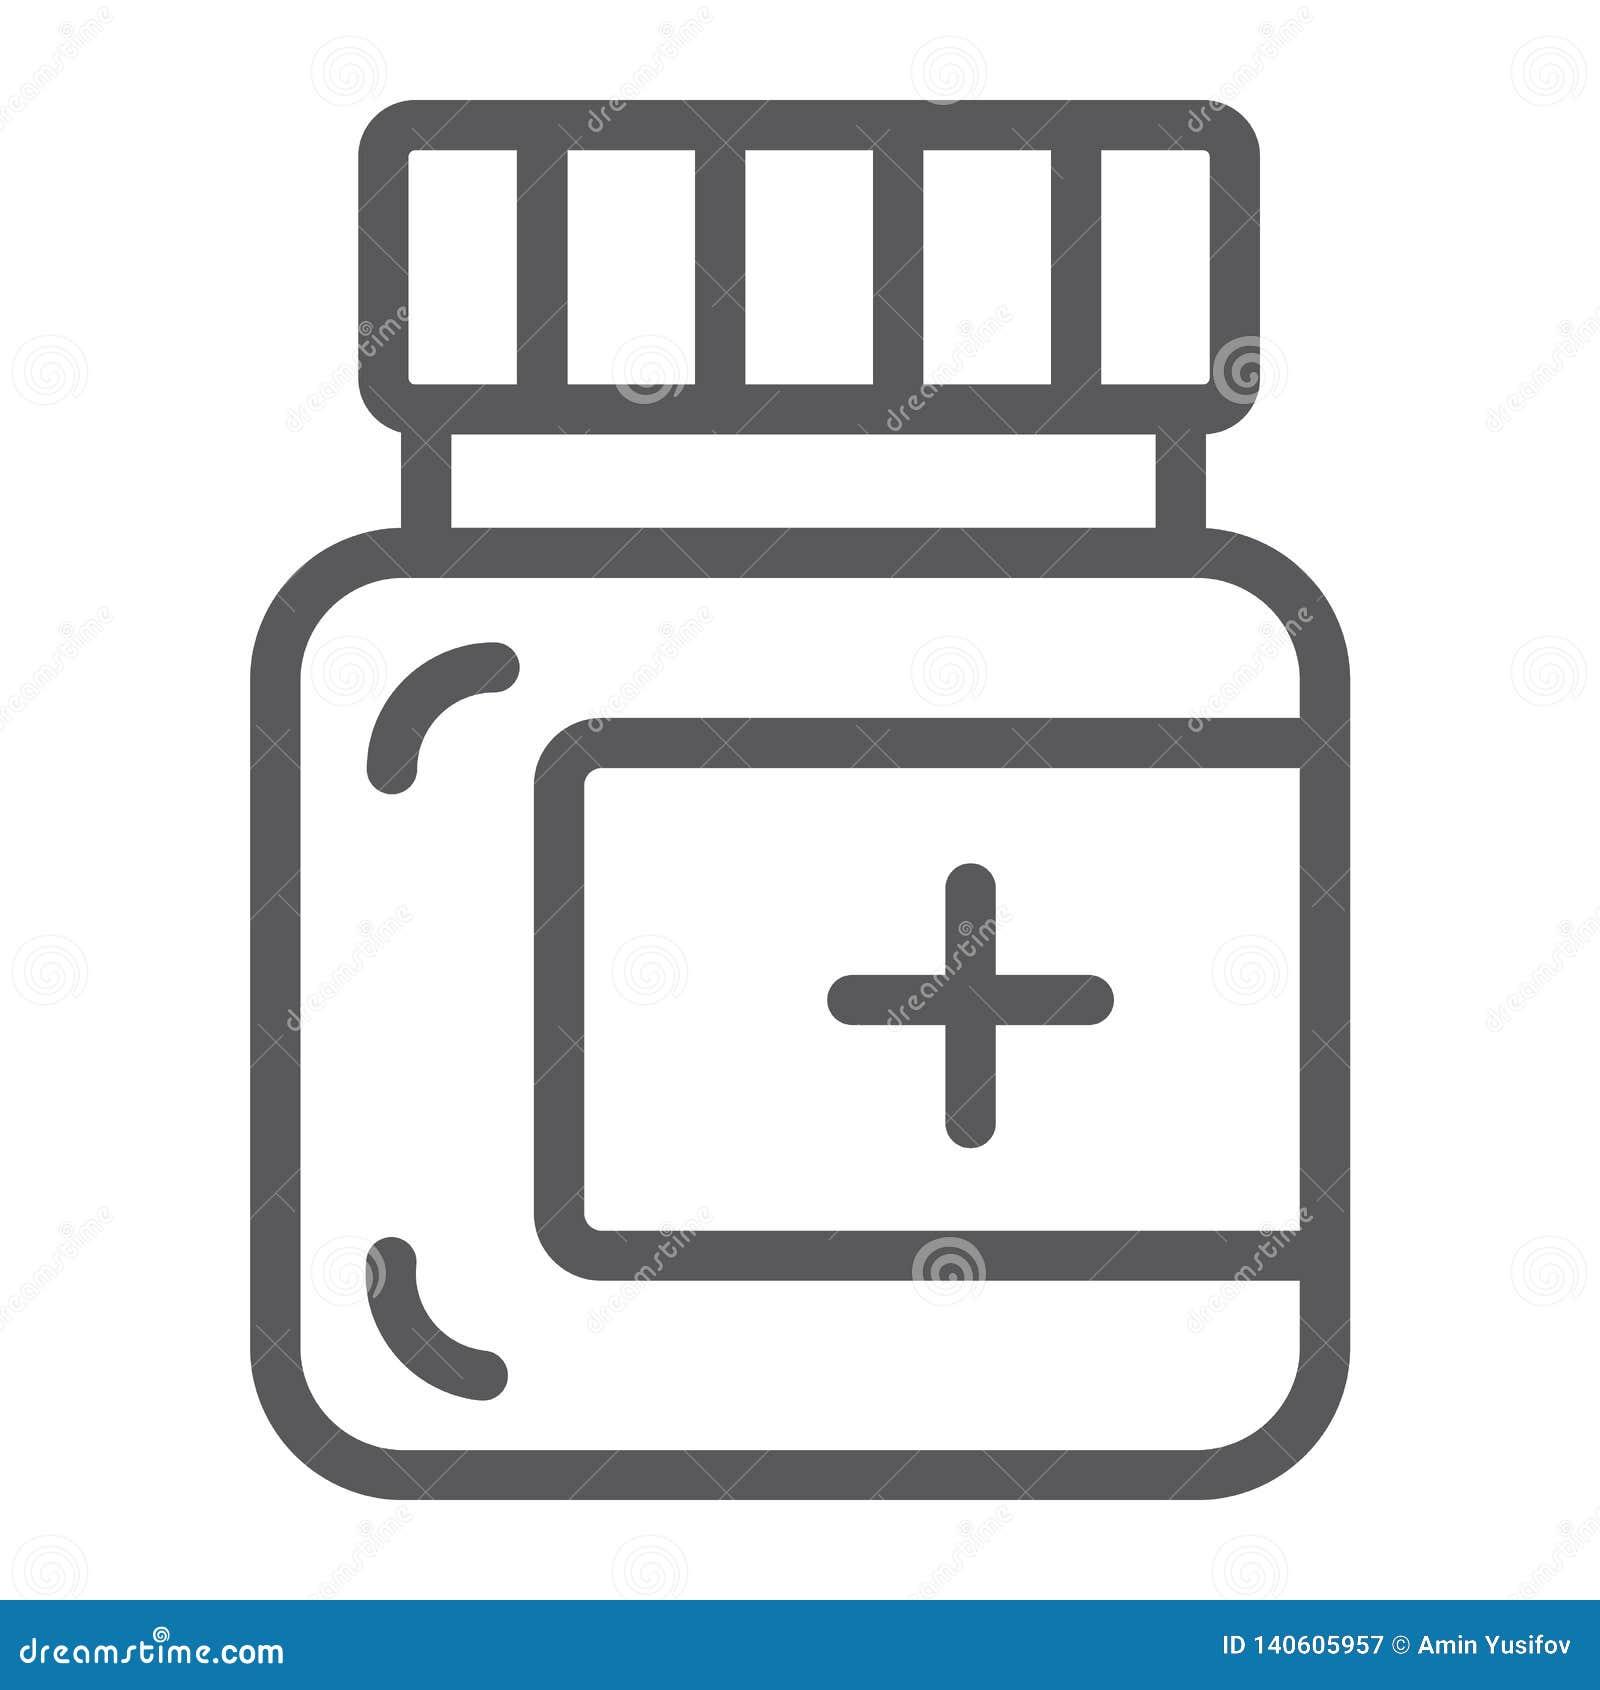 Salvalinje symbol, omsorg och medicin, medicinskt flasktecken, vektordiagram, en linjär modell på en vit bakgrund